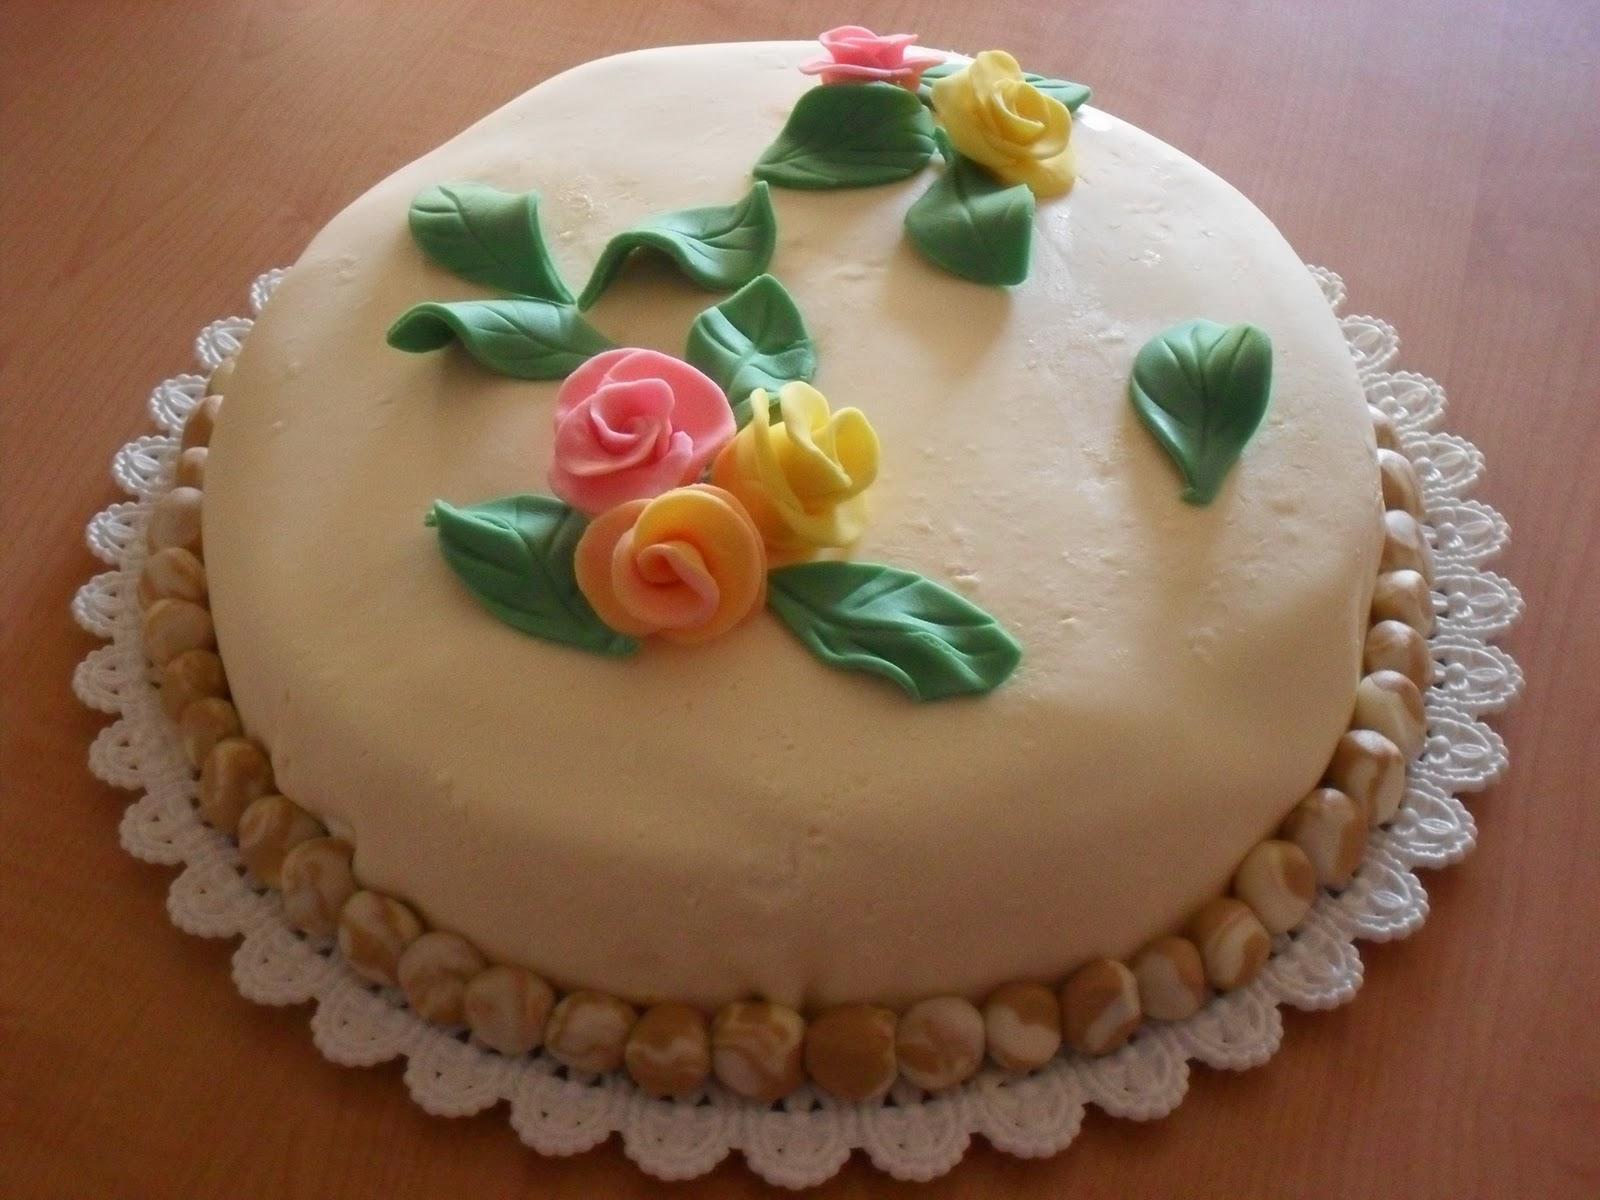 Decorazioni torte for Decorazioni torte vendita